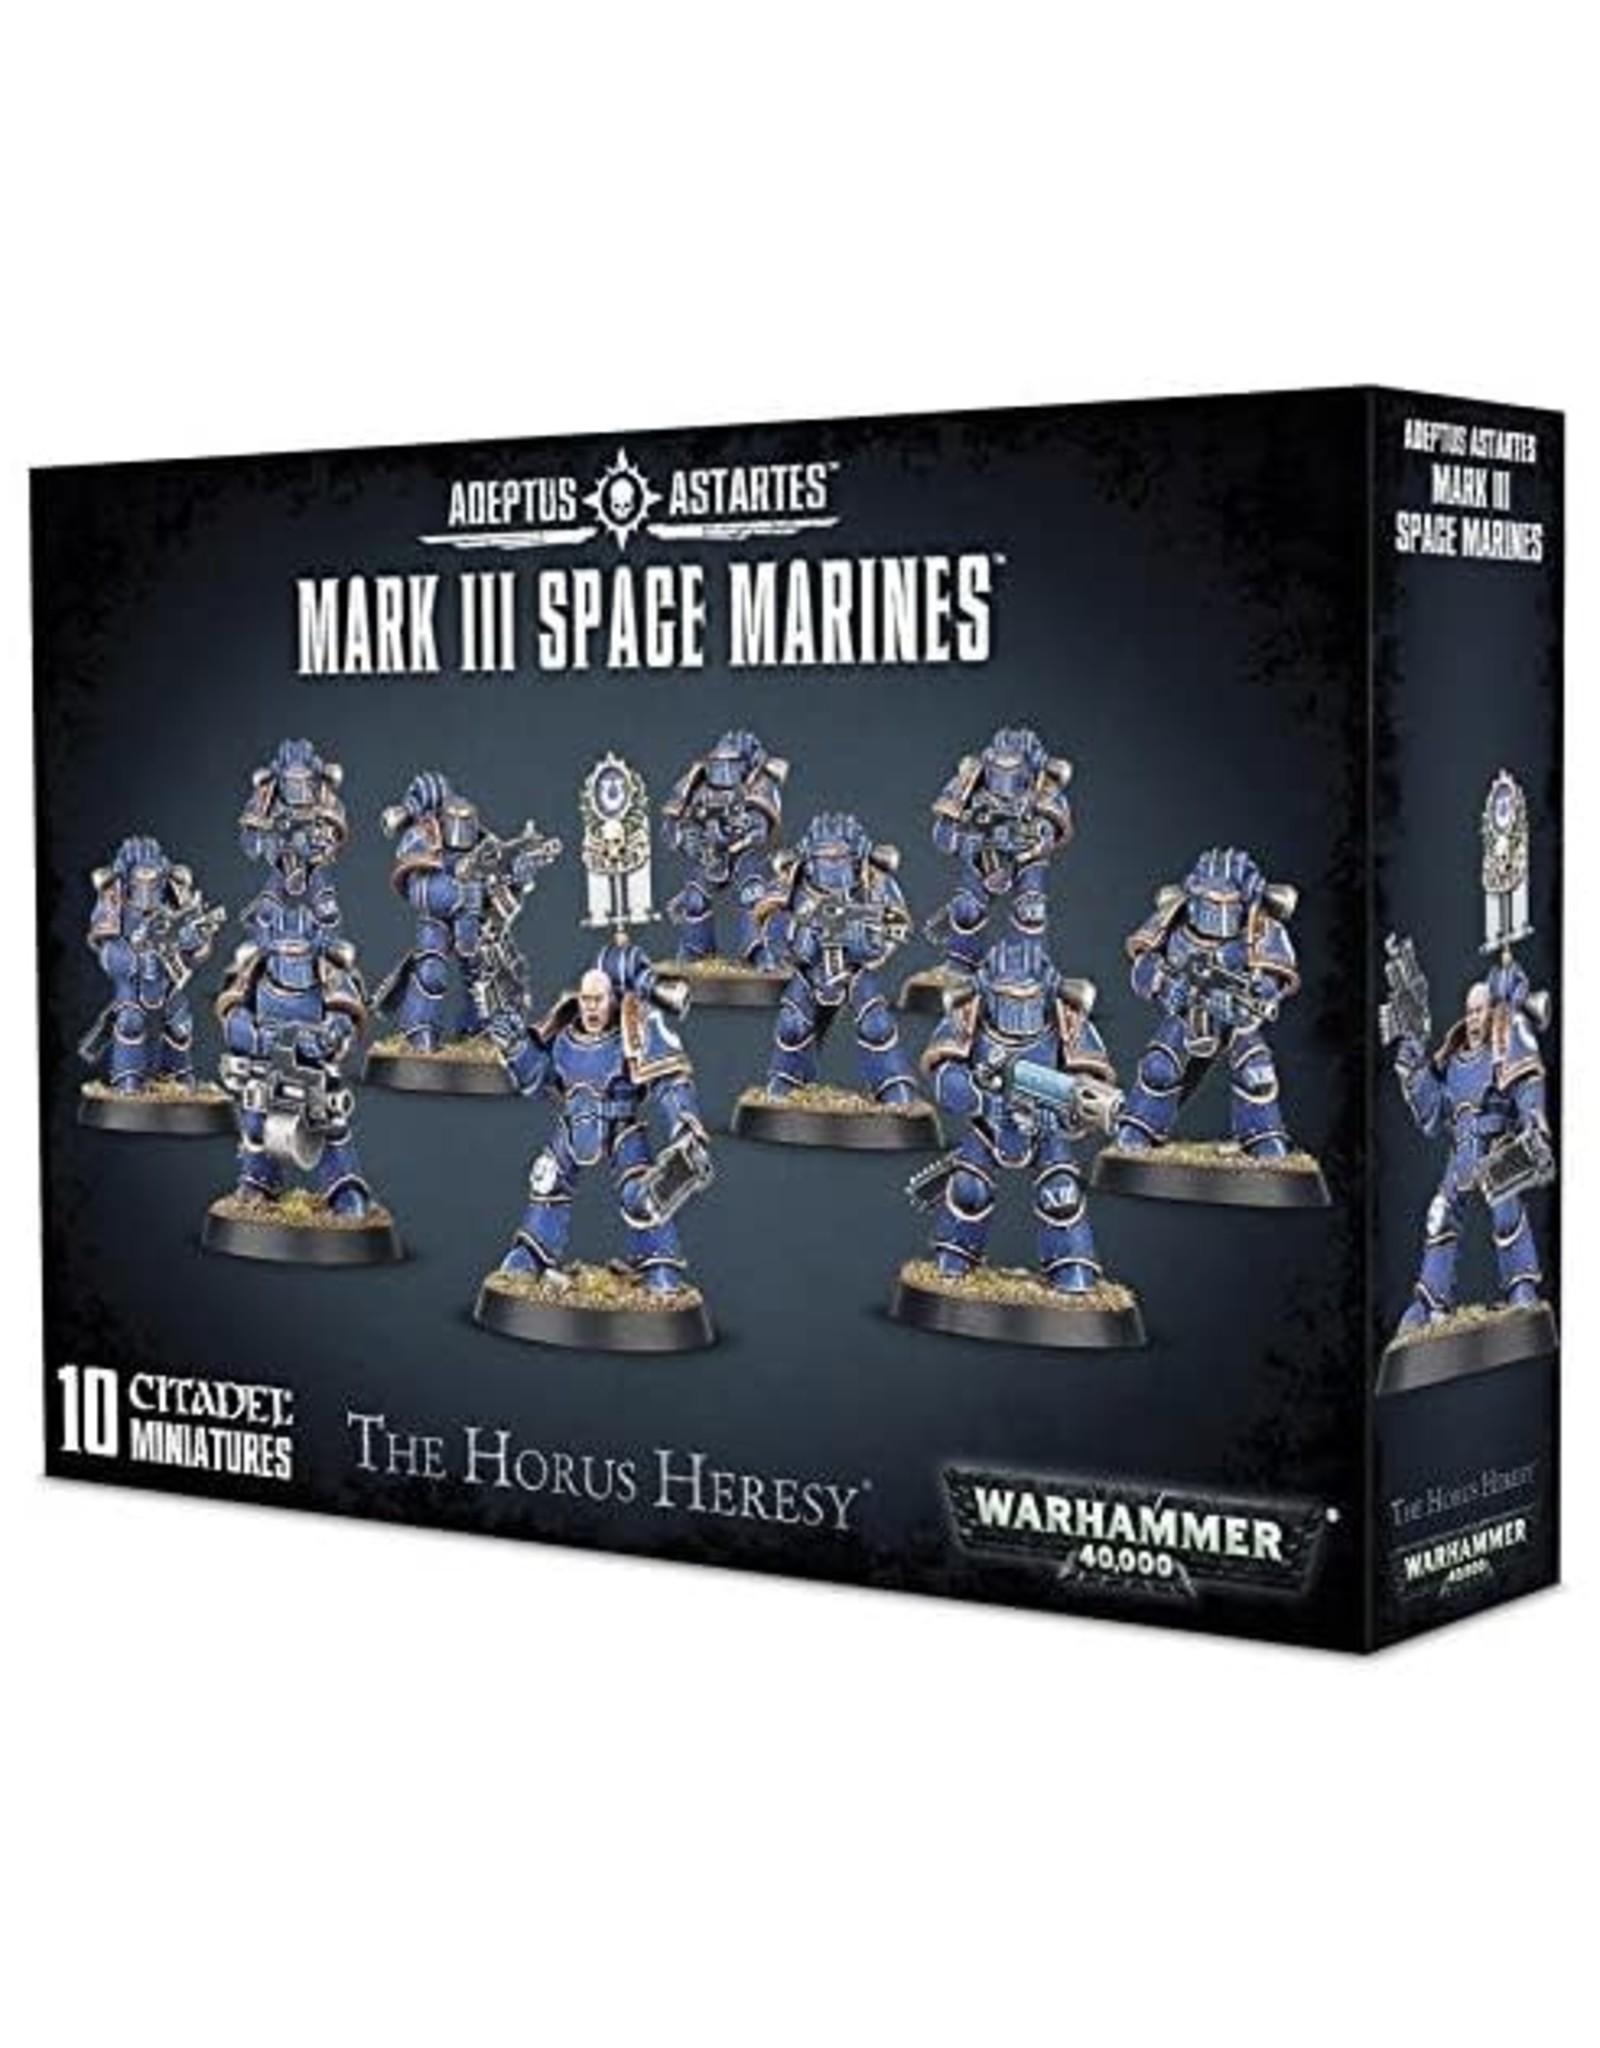 Games Workshop Mark III Space Marines